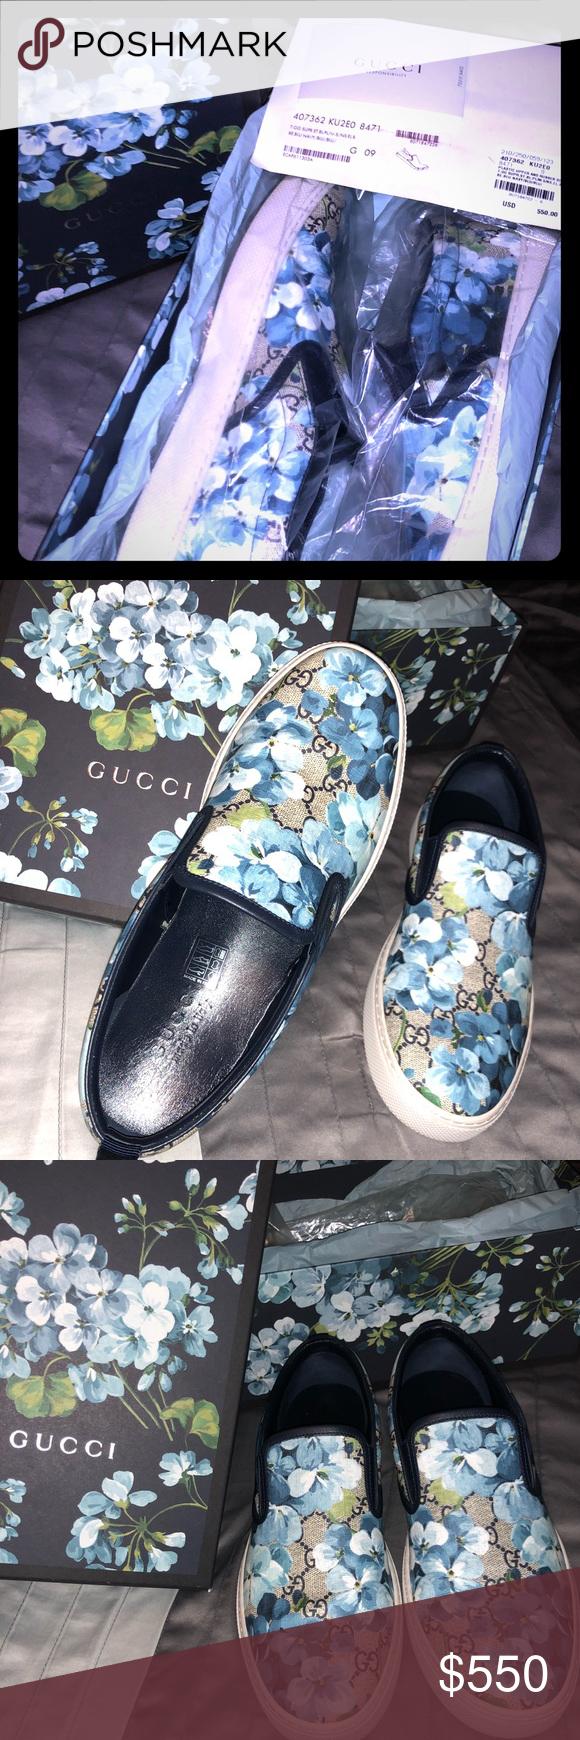 dac2921f2af Gucci GG Supreme Blooms Canvas Slip-On Sneakers Brand New Gucci slip-on  sneakers in GG Supreme Canvas with Blue Blooms Print. 🌺 Blue leather trim.